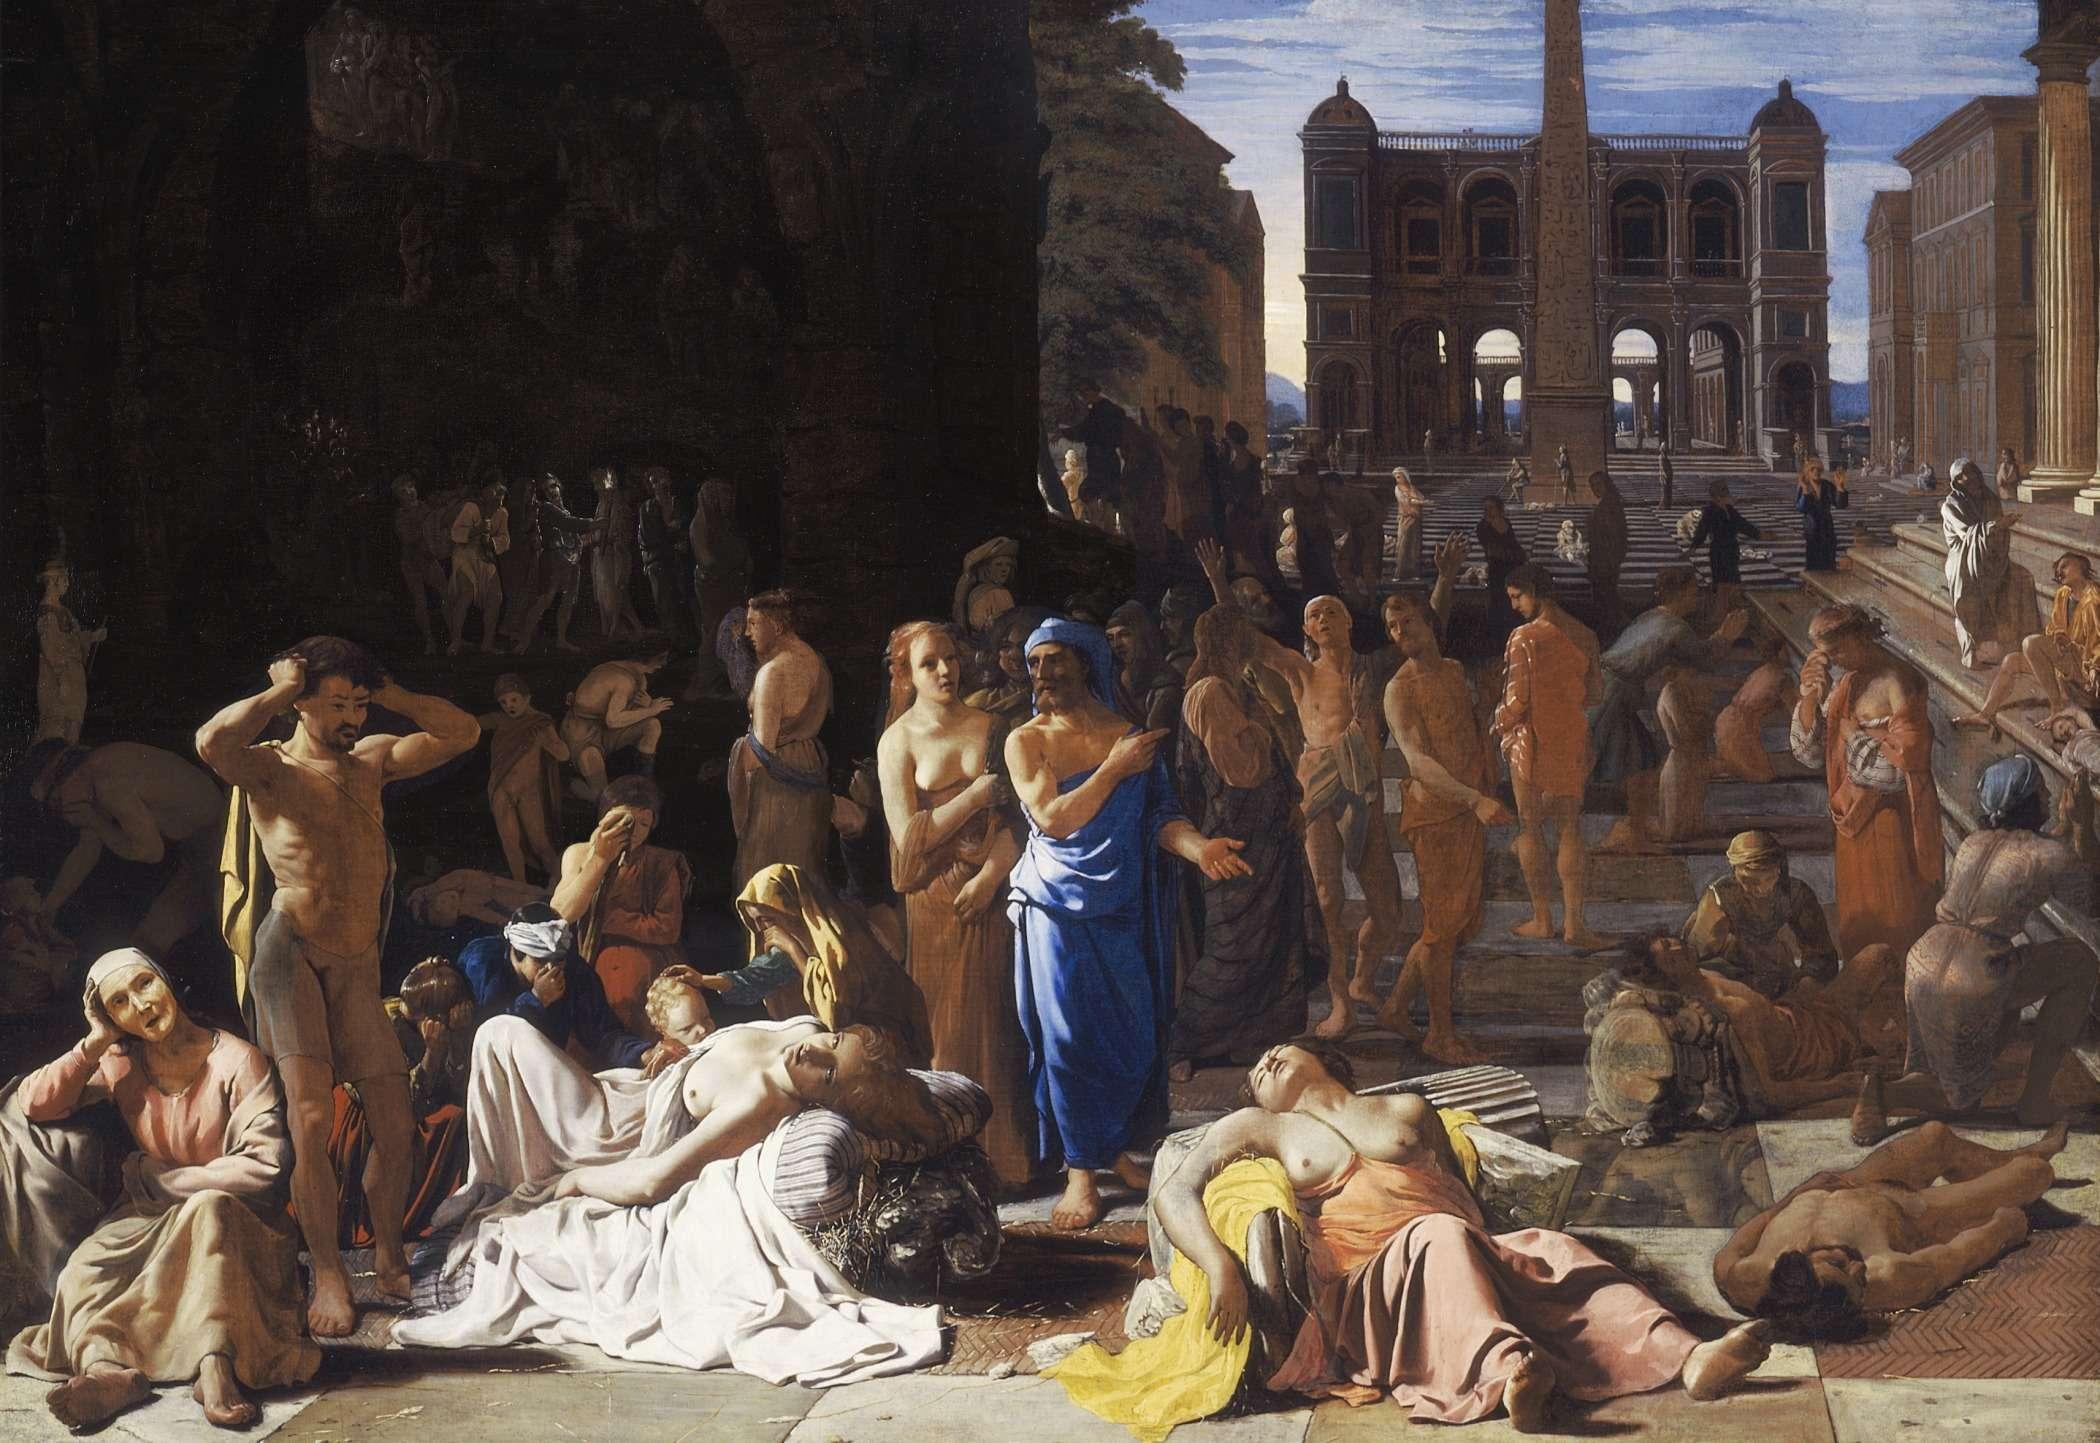 Λοιμός σε αρχαία πόλη, πίνακας του 17ου αιώνα του Μίχιελ Σβέιρτς· θεωρείται ότι αναφέρεται στο λοιμό των Αθηνών (430 π.Χ.)